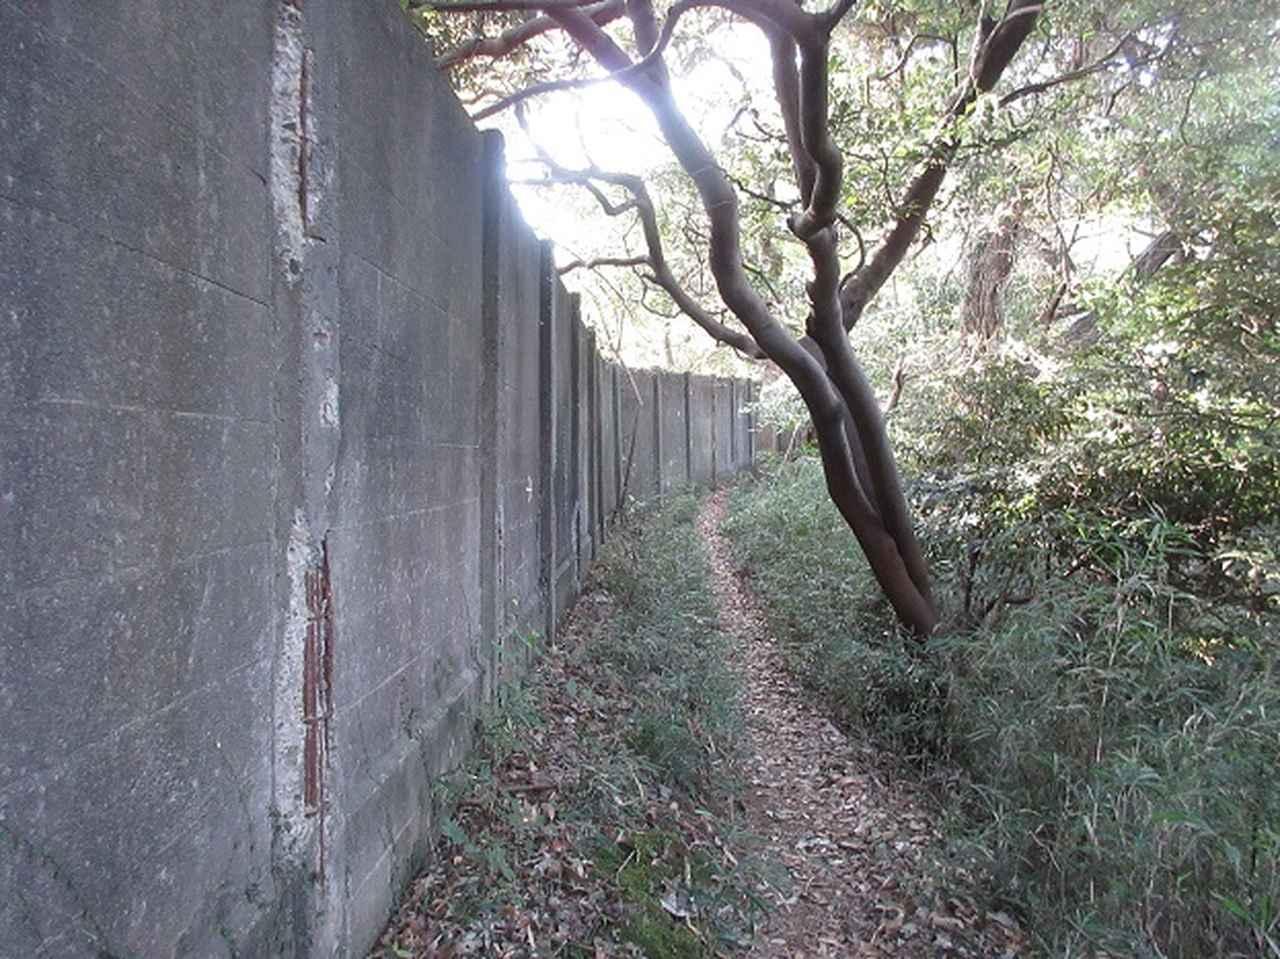 画像7: このツアーは 「鎌倉から三浦半島を歩こう(全15回)」 の3回目のツアーです